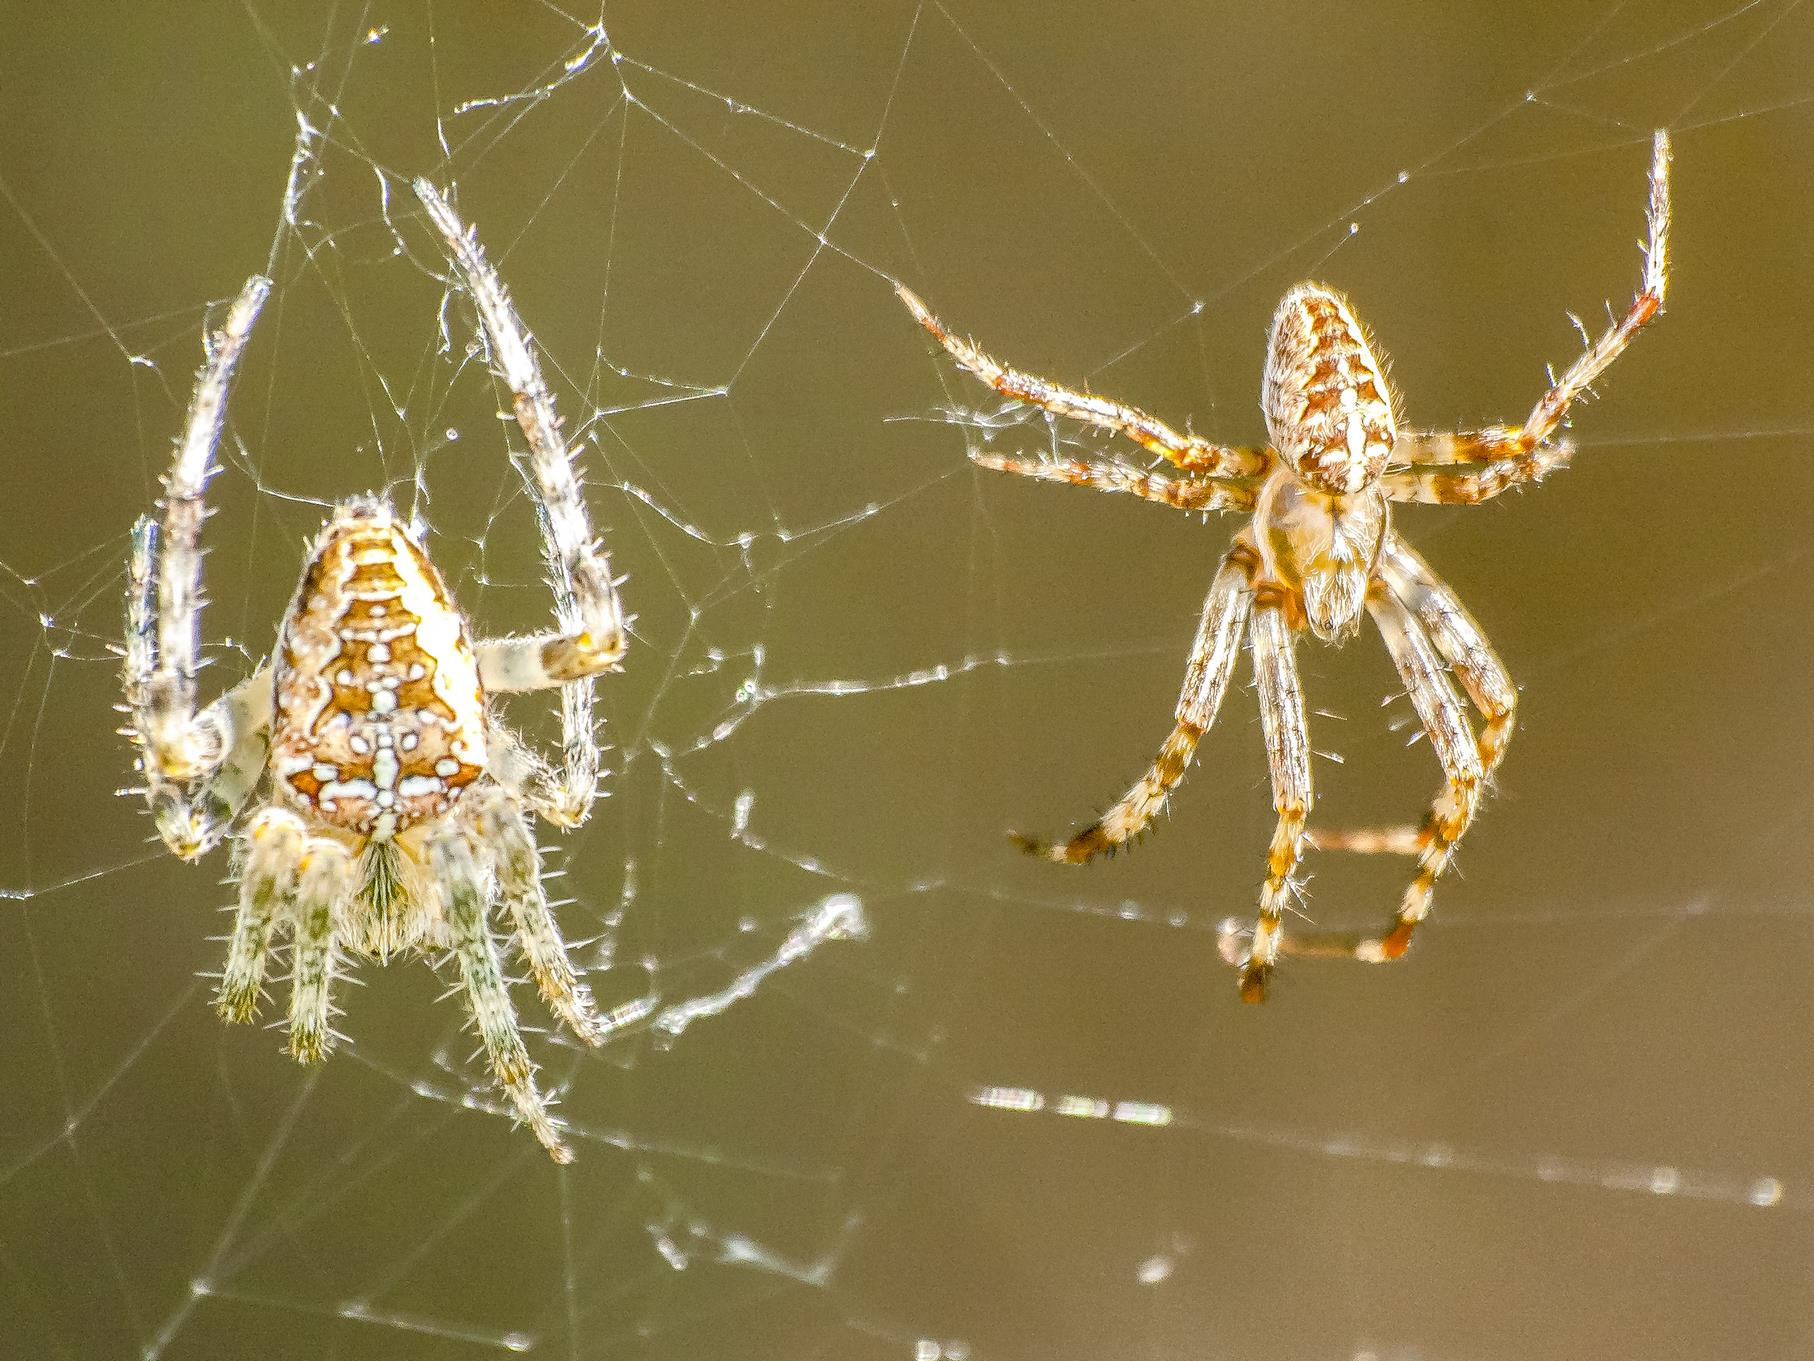 Zwei Kreuzspinnen im Netz.